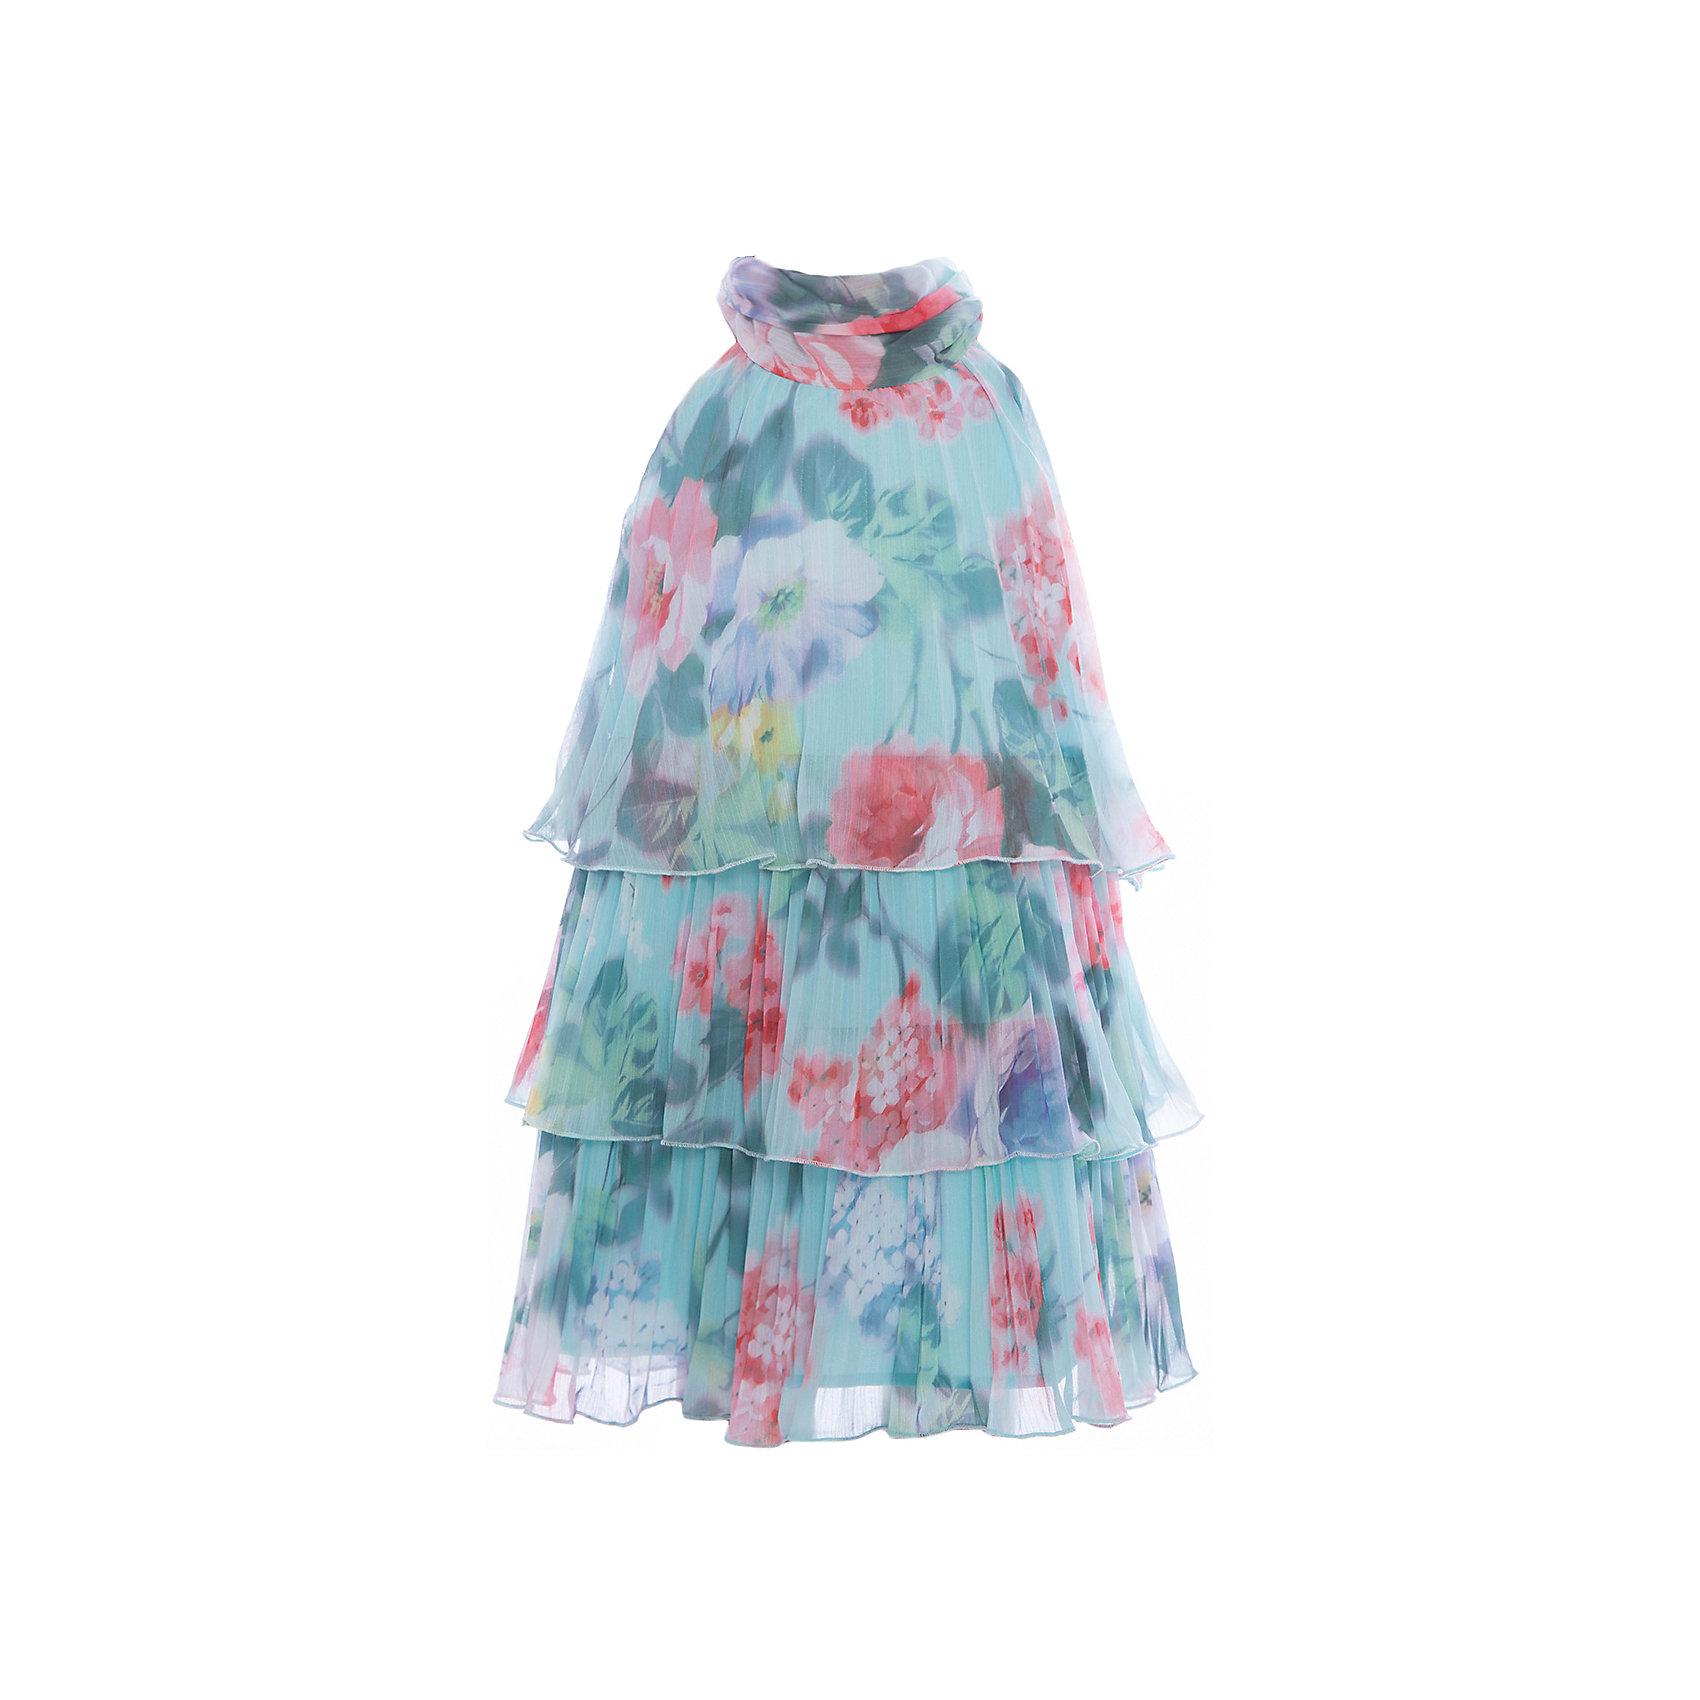 Платье для девочки GulliverОдежда<br>Воздушный орнаментальный шифон… Любое платье из него - настоящий шедевр! Потрясающий цветочный рисунок ткани в розово-ментоловой гамме, летящий трапециевидный силуэт, элегантное оформление горловины легким бантом настраивают на романтический лад, создавая нежный благородный образ, наполненной красотой и изяществом. Если вы предпочитаете иметь в гардеробе девочки хотя бы одну стильную нарядную вещь, вам стоит купить платье из коллекции Акварель и вашему ребенку гарантирован образ современной принцессы с хорошим вкусом и благородными манерами.<br>Состав:<br>100% хлопок/ 100% полиэстер<br><br>Ширина мм: 236<br>Глубина мм: 16<br>Высота мм: 184<br>Вес г: 177<br>Цвет: голубой<br>Возраст от месяцев: 36<br>Возраст до месяцев: 48<br>Пол: Женский<br>Возраст: Детский<br>Размер: 104,98,116,110<br>SKU: 5483389